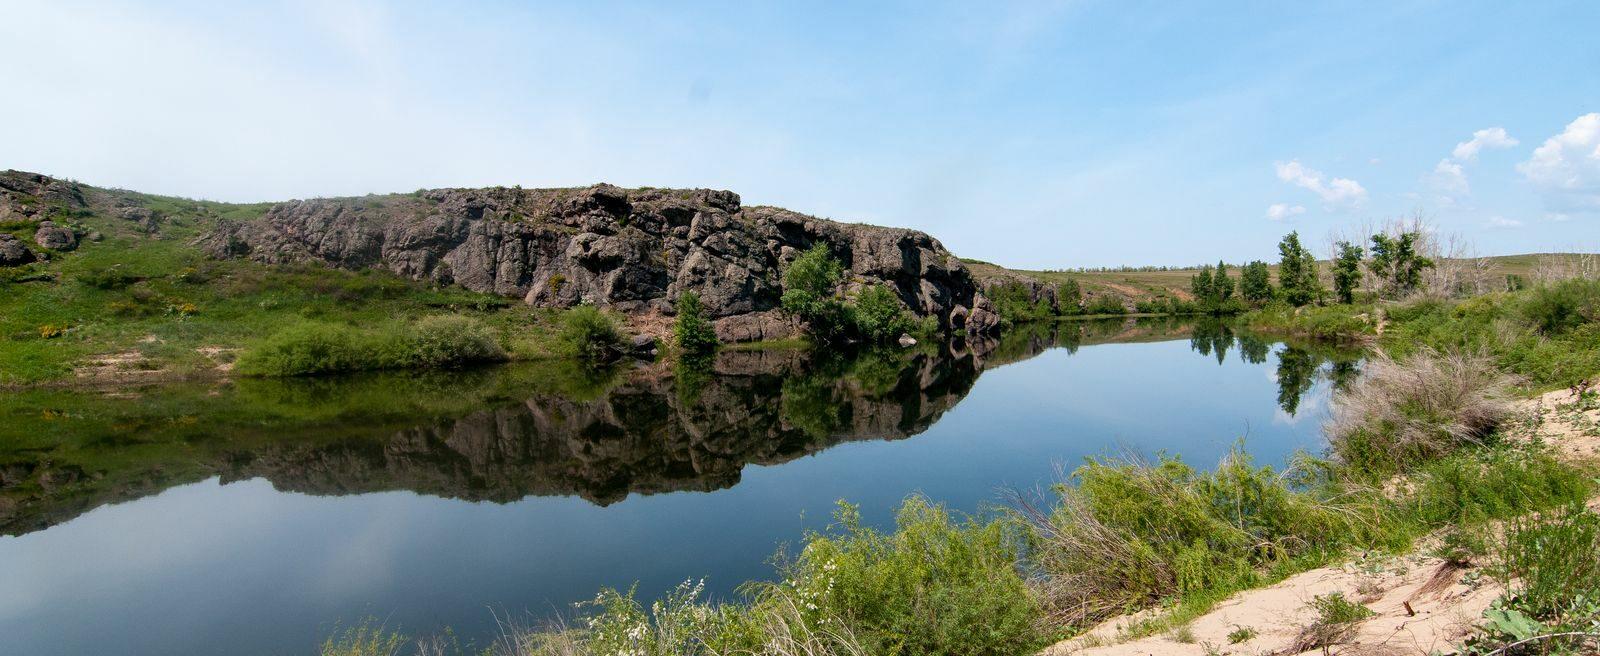 Оренбургская область, город Ясный, Марьин Утес, легенды Урала, фильм Вечный зов, малые города, Малые города - удивительные достопримечательности,